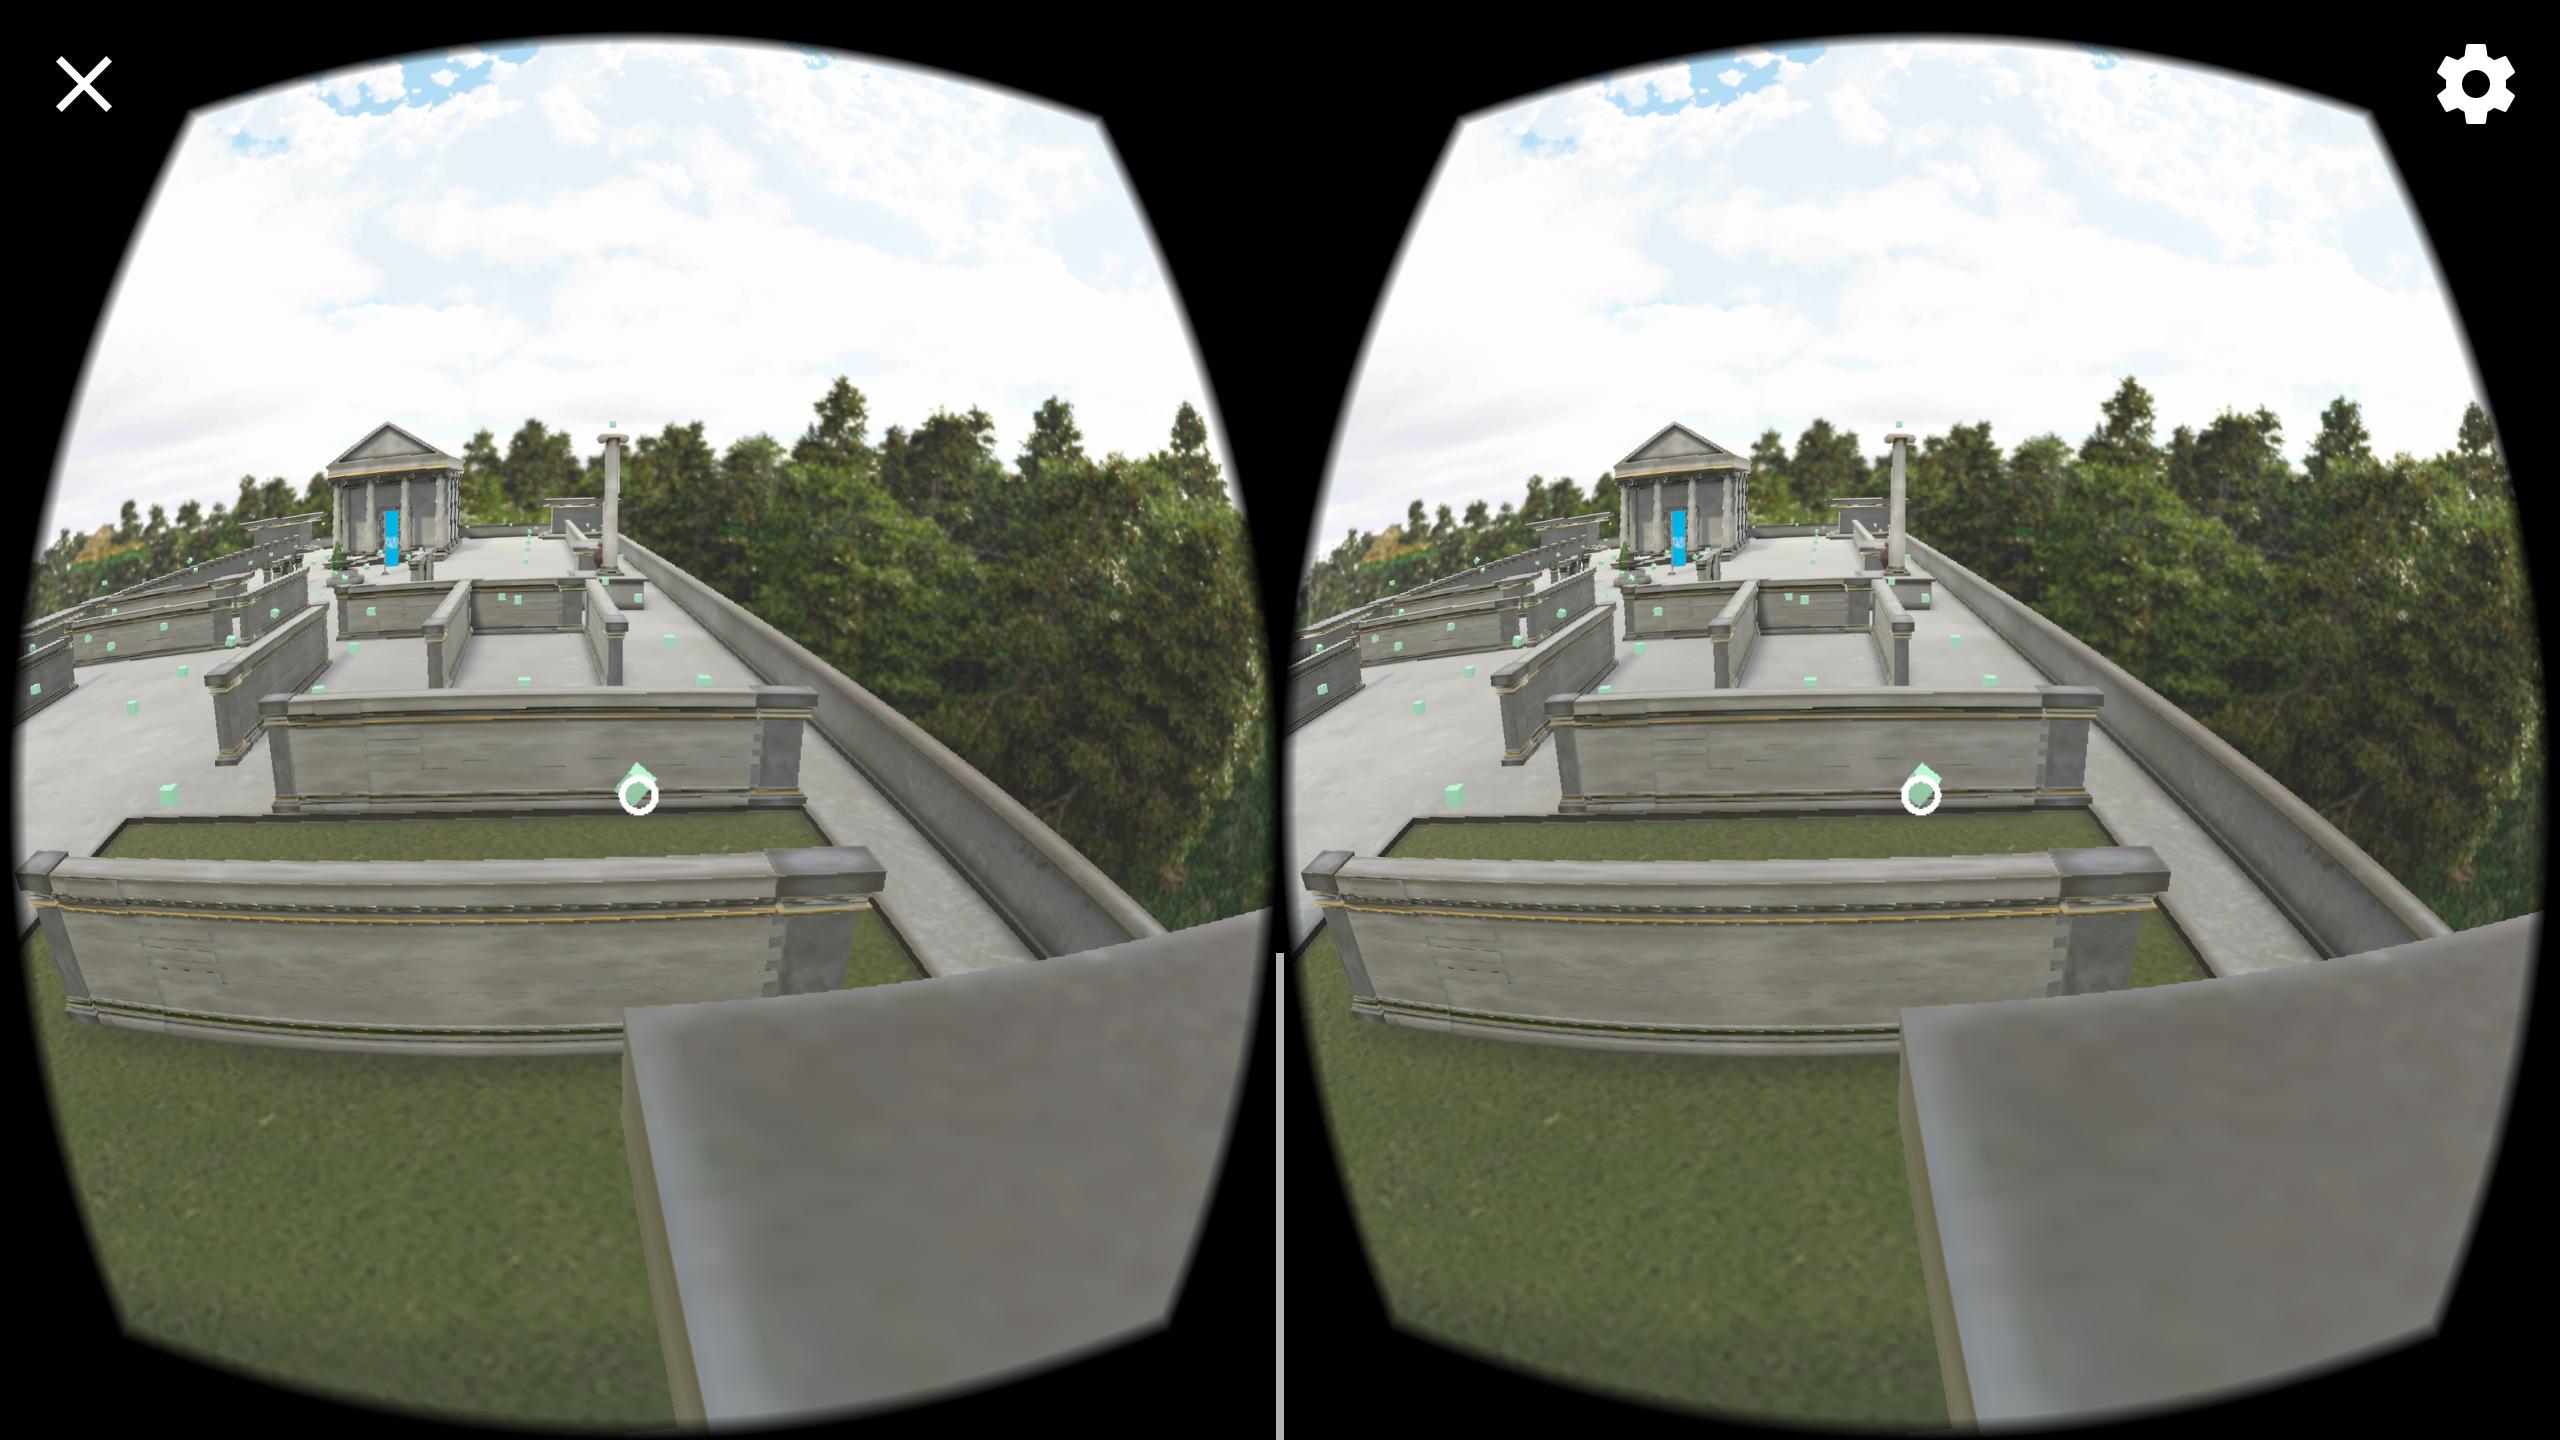 VR Maze by MoniGarr